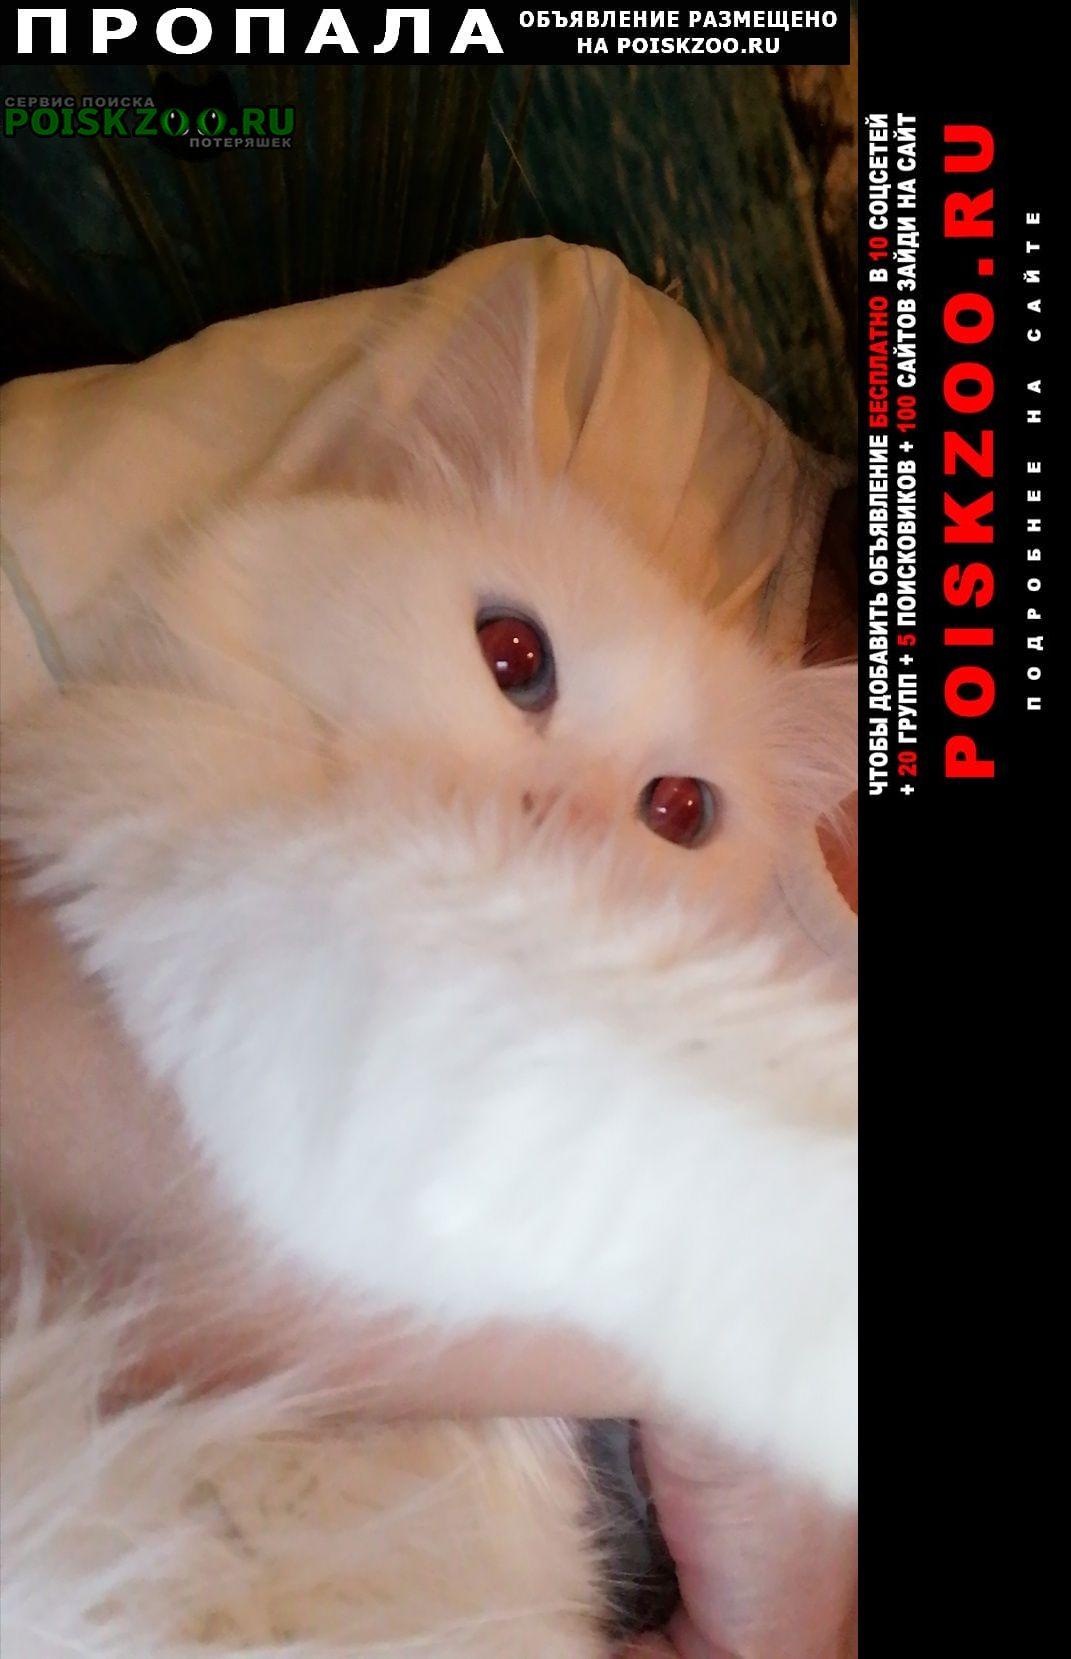 Пропала кошка Смоленск